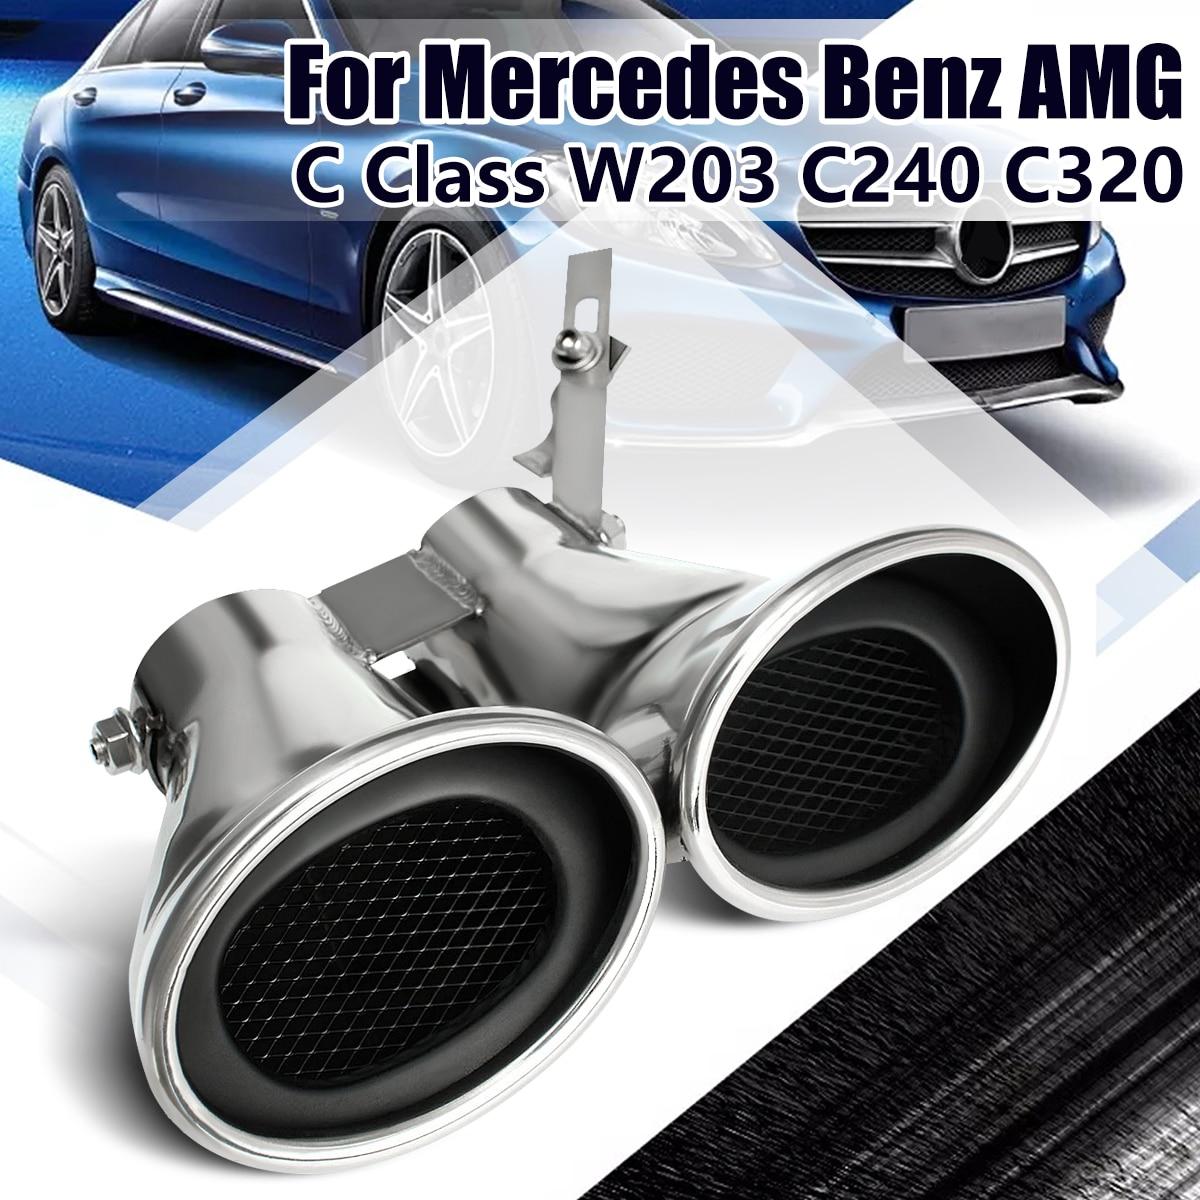 Voiture Auto arrière queue gorge Liner acier inoxydable double pot d'échappement tuyau pour MERCEDES-BENZ-AMG C classe W203 C240 C320